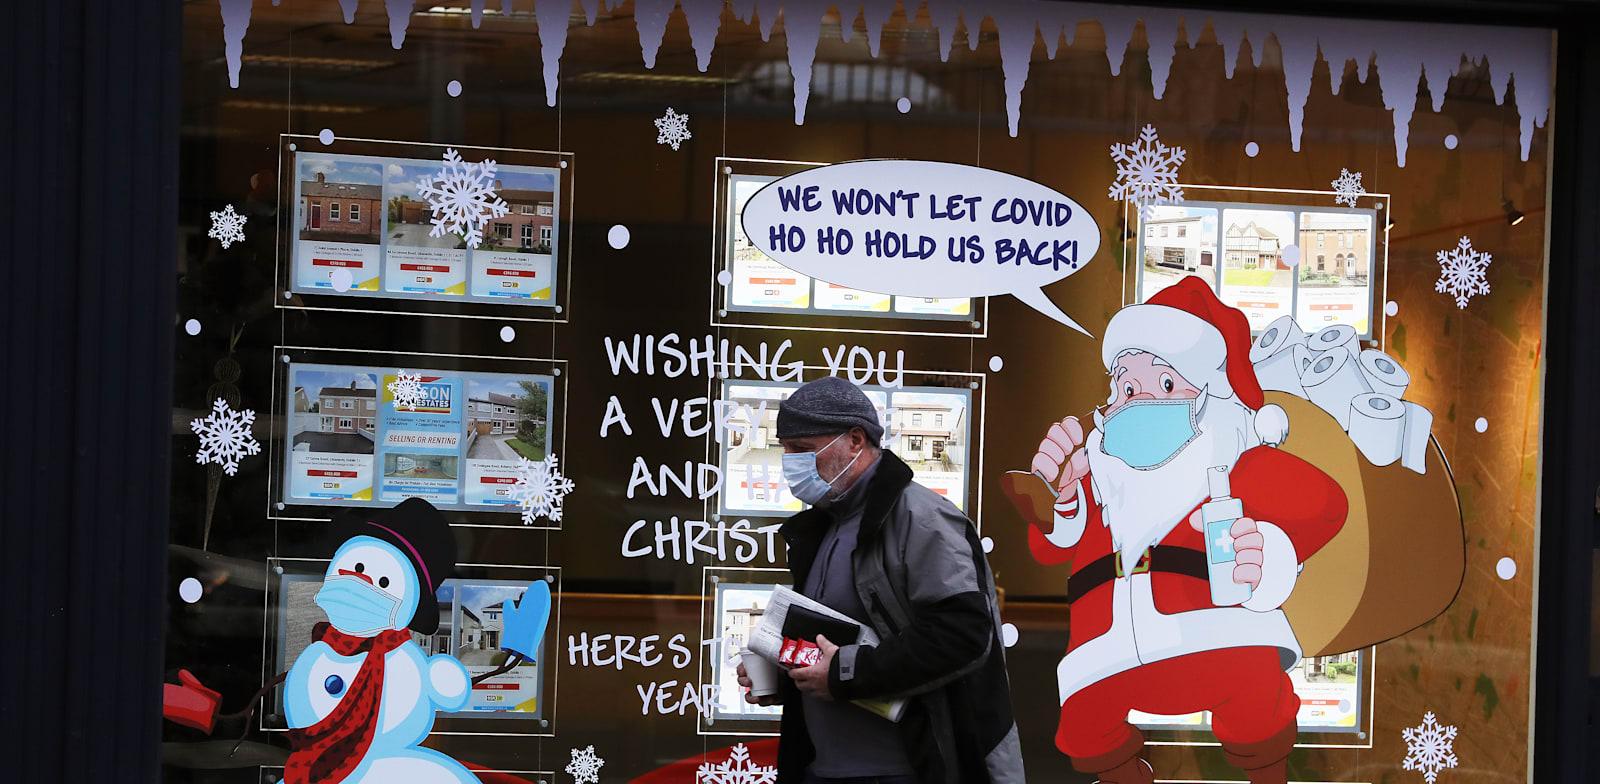 """סוכנות נדל""""ן בדבלין, אירלנד. האופן שבו משולמת המשכנתה, משפיע באופן ישיר על מקבלי ההחלטות במדינה / צילום: Reuters, Brian Lawless"""